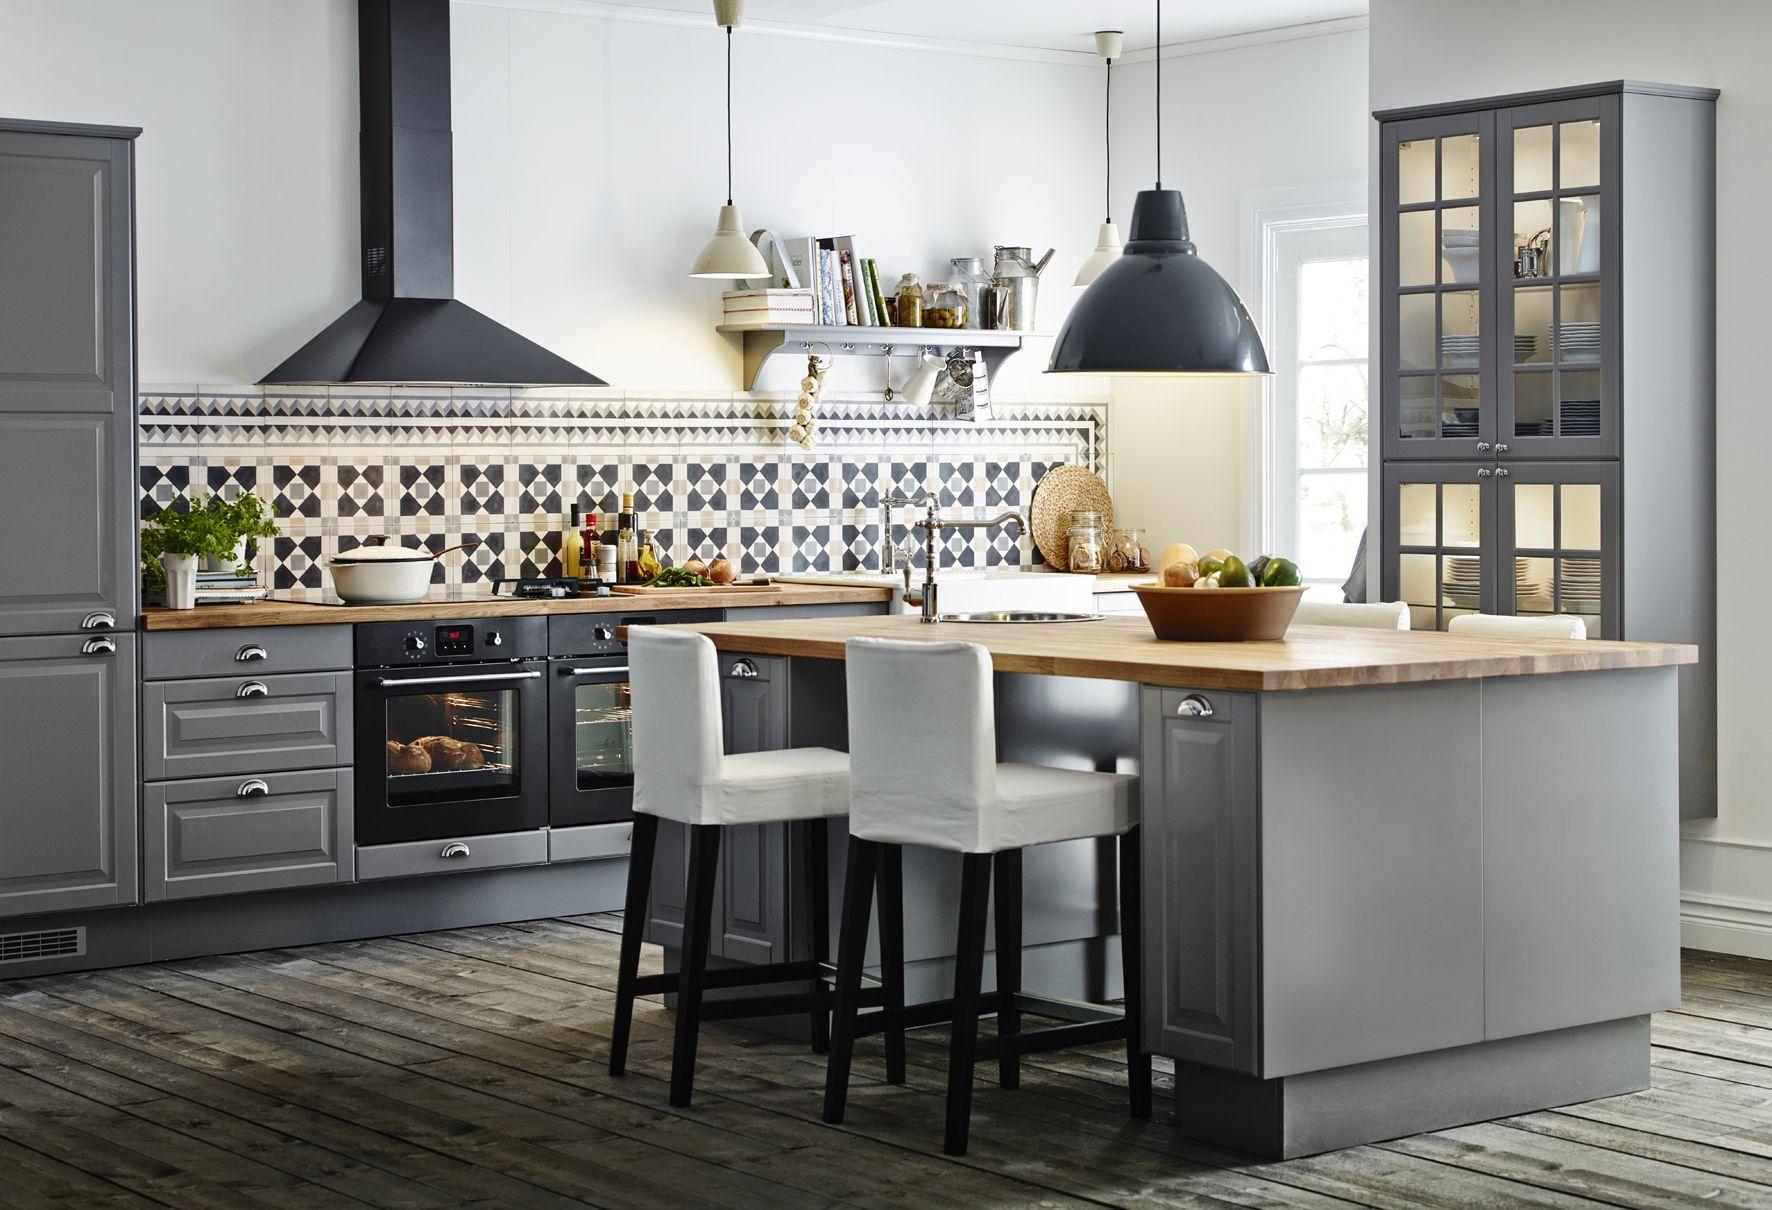 Keukenkast Ophangen Ikea : Ikea keuken landelijke stijl met spoeleiland. faktum keukensystemen